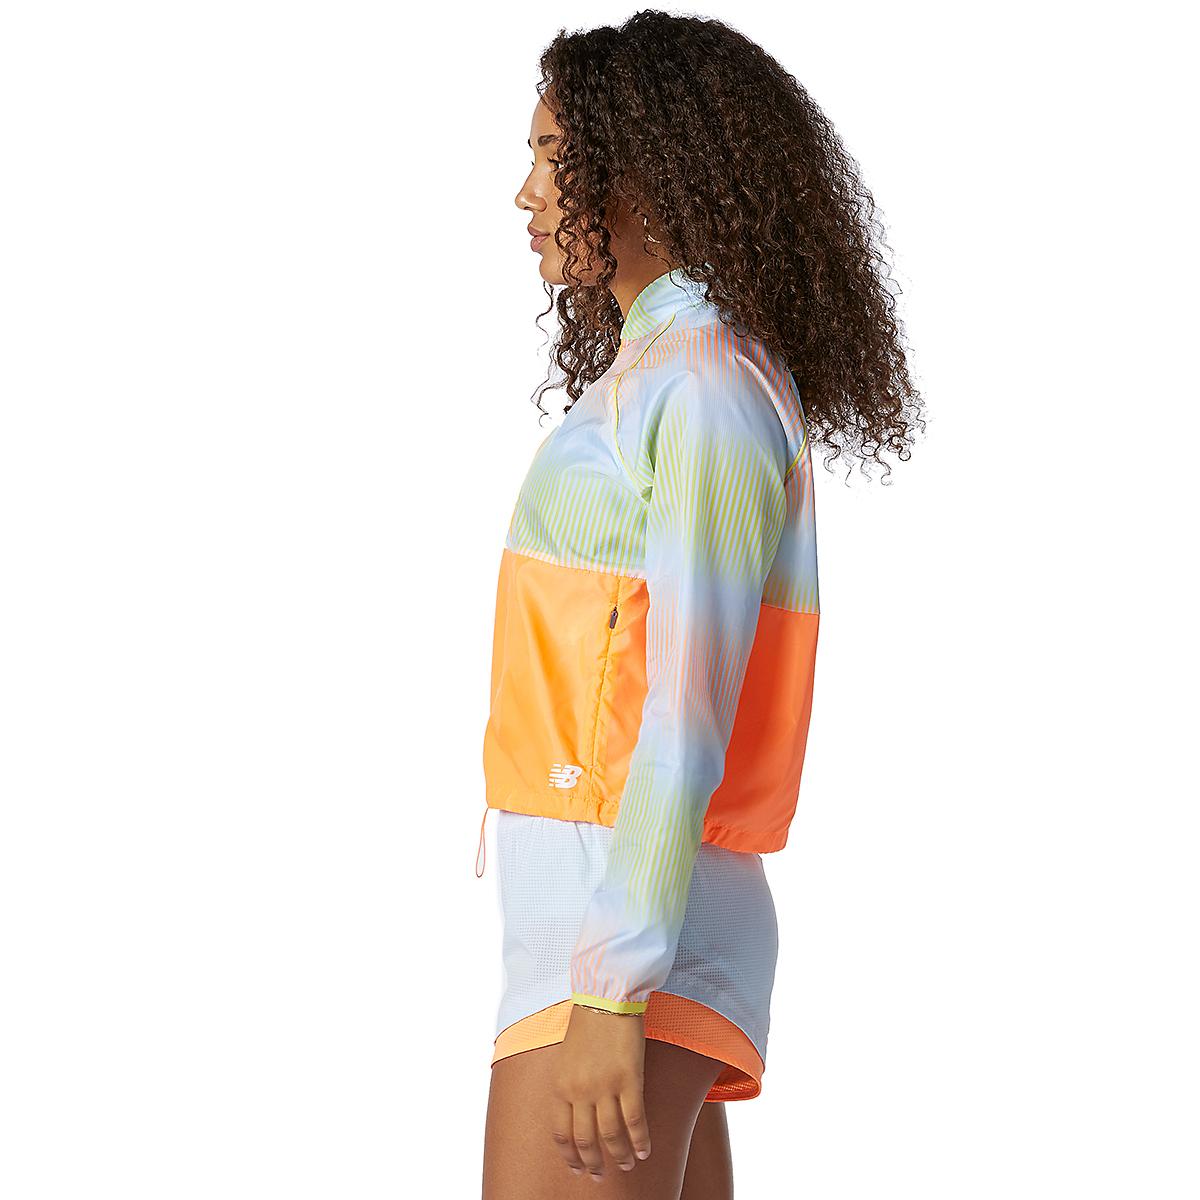 Women's New Balance Fast Flight Jacket - Color: Citrus Punch - Size: XS, Citrus Punch, large, image 2